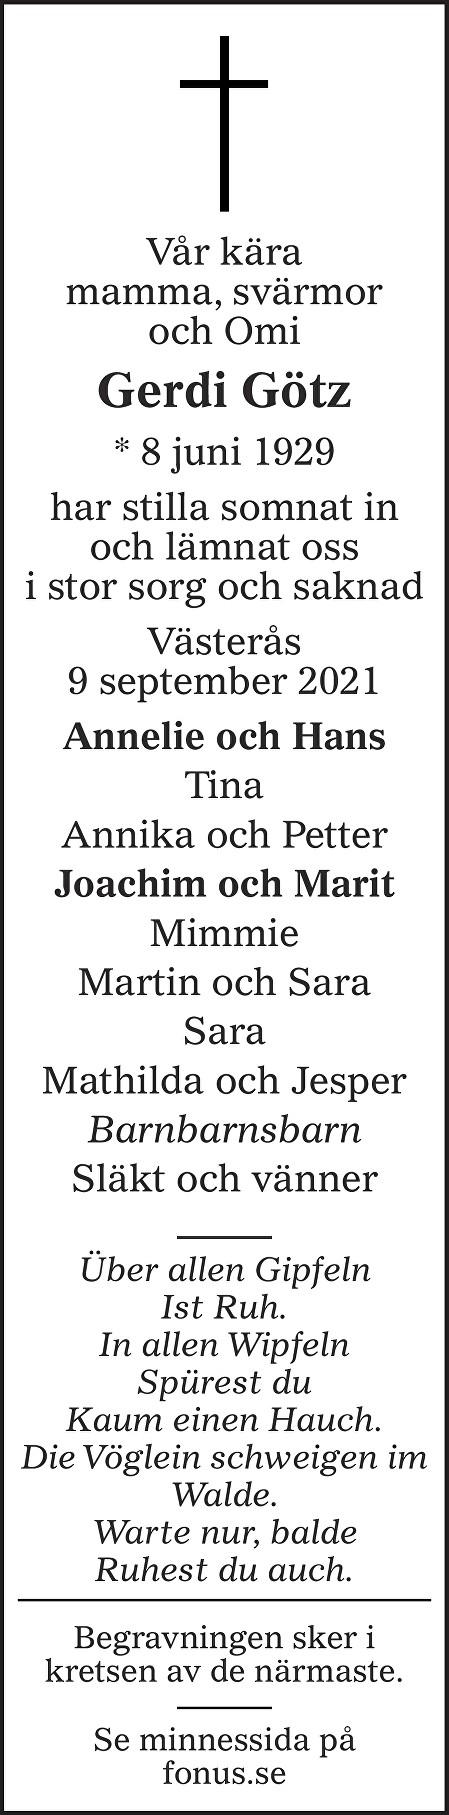 Gerdi Götz Death notice